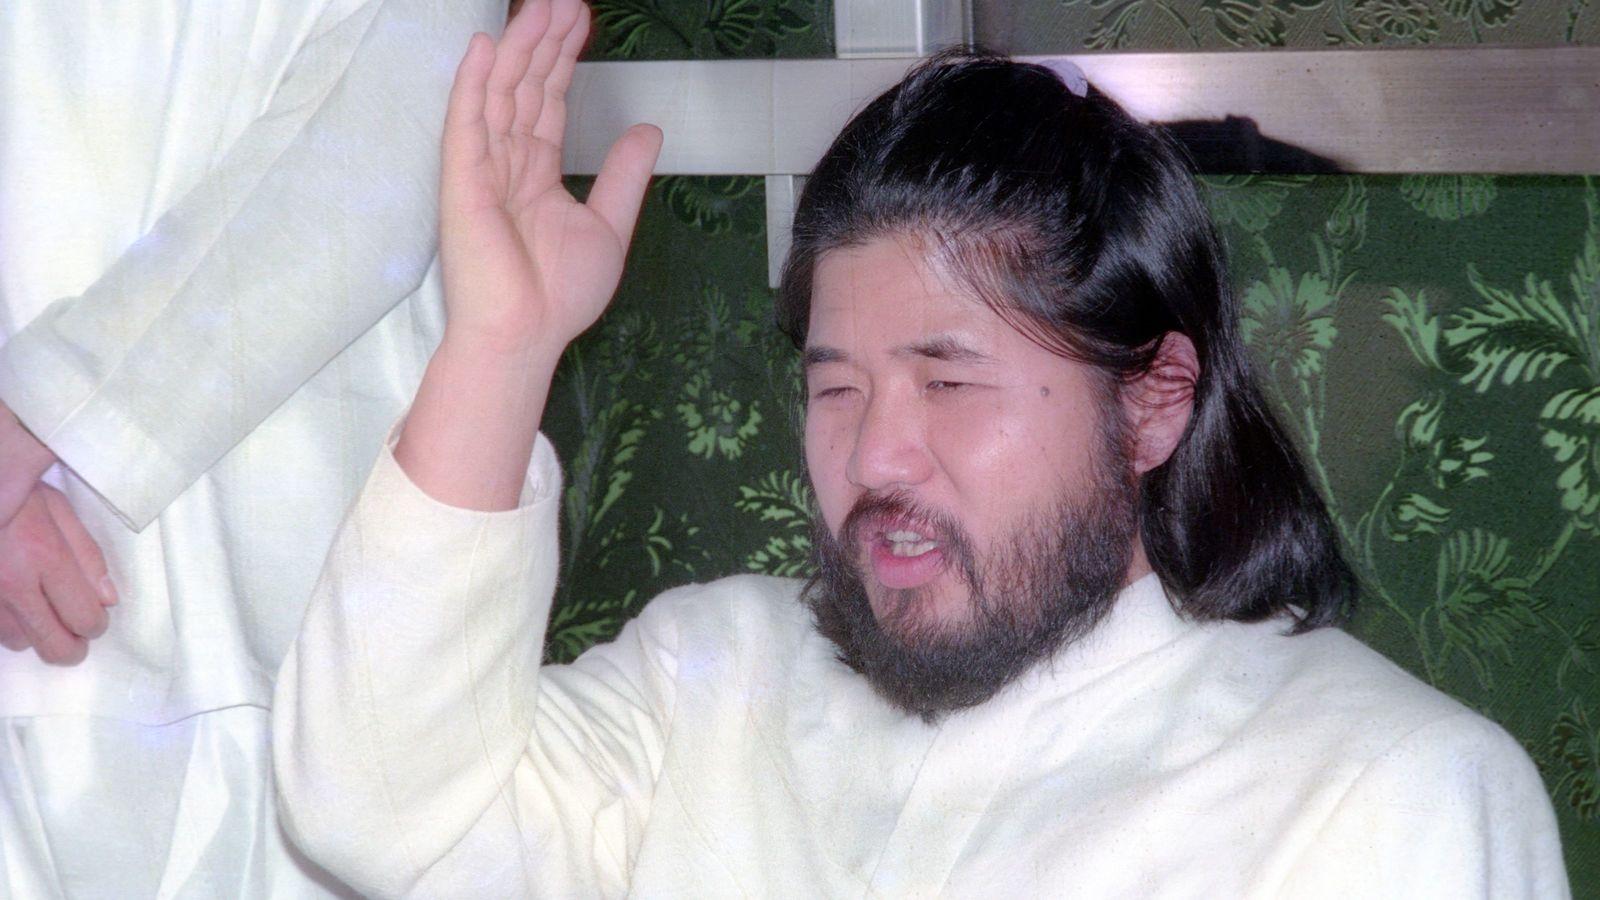 凶悪犯・麻原彰晃を持ち上げた実名リスト  「彼は嘘をつくような人ではない」